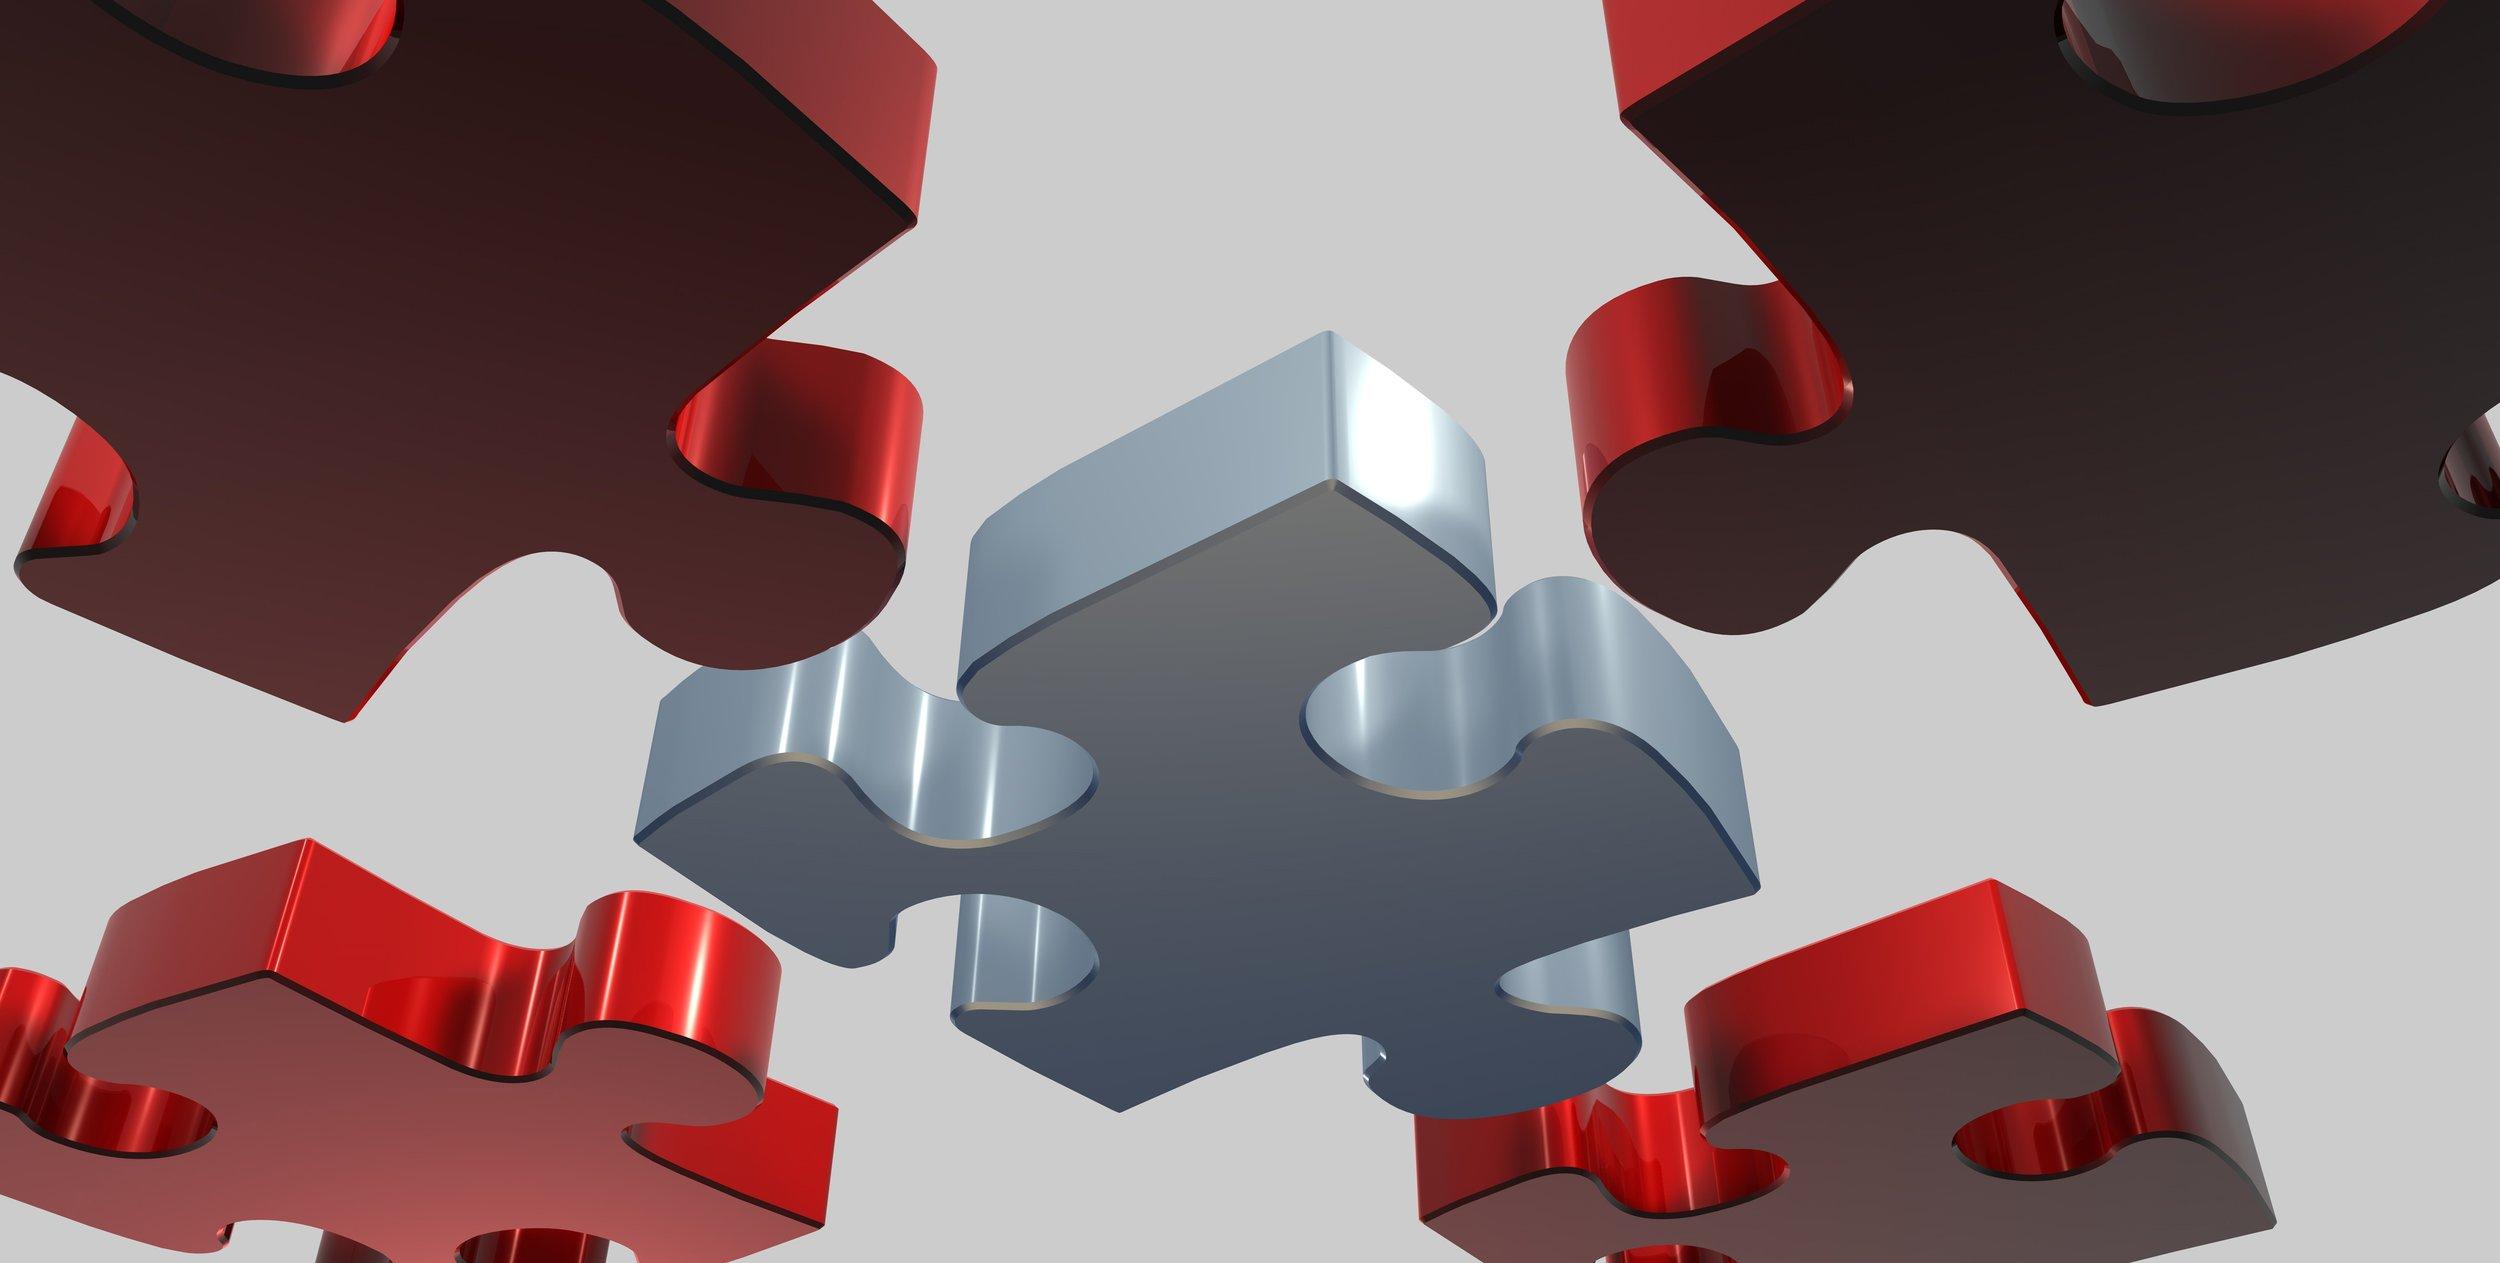 puzzle-1721464.jpg